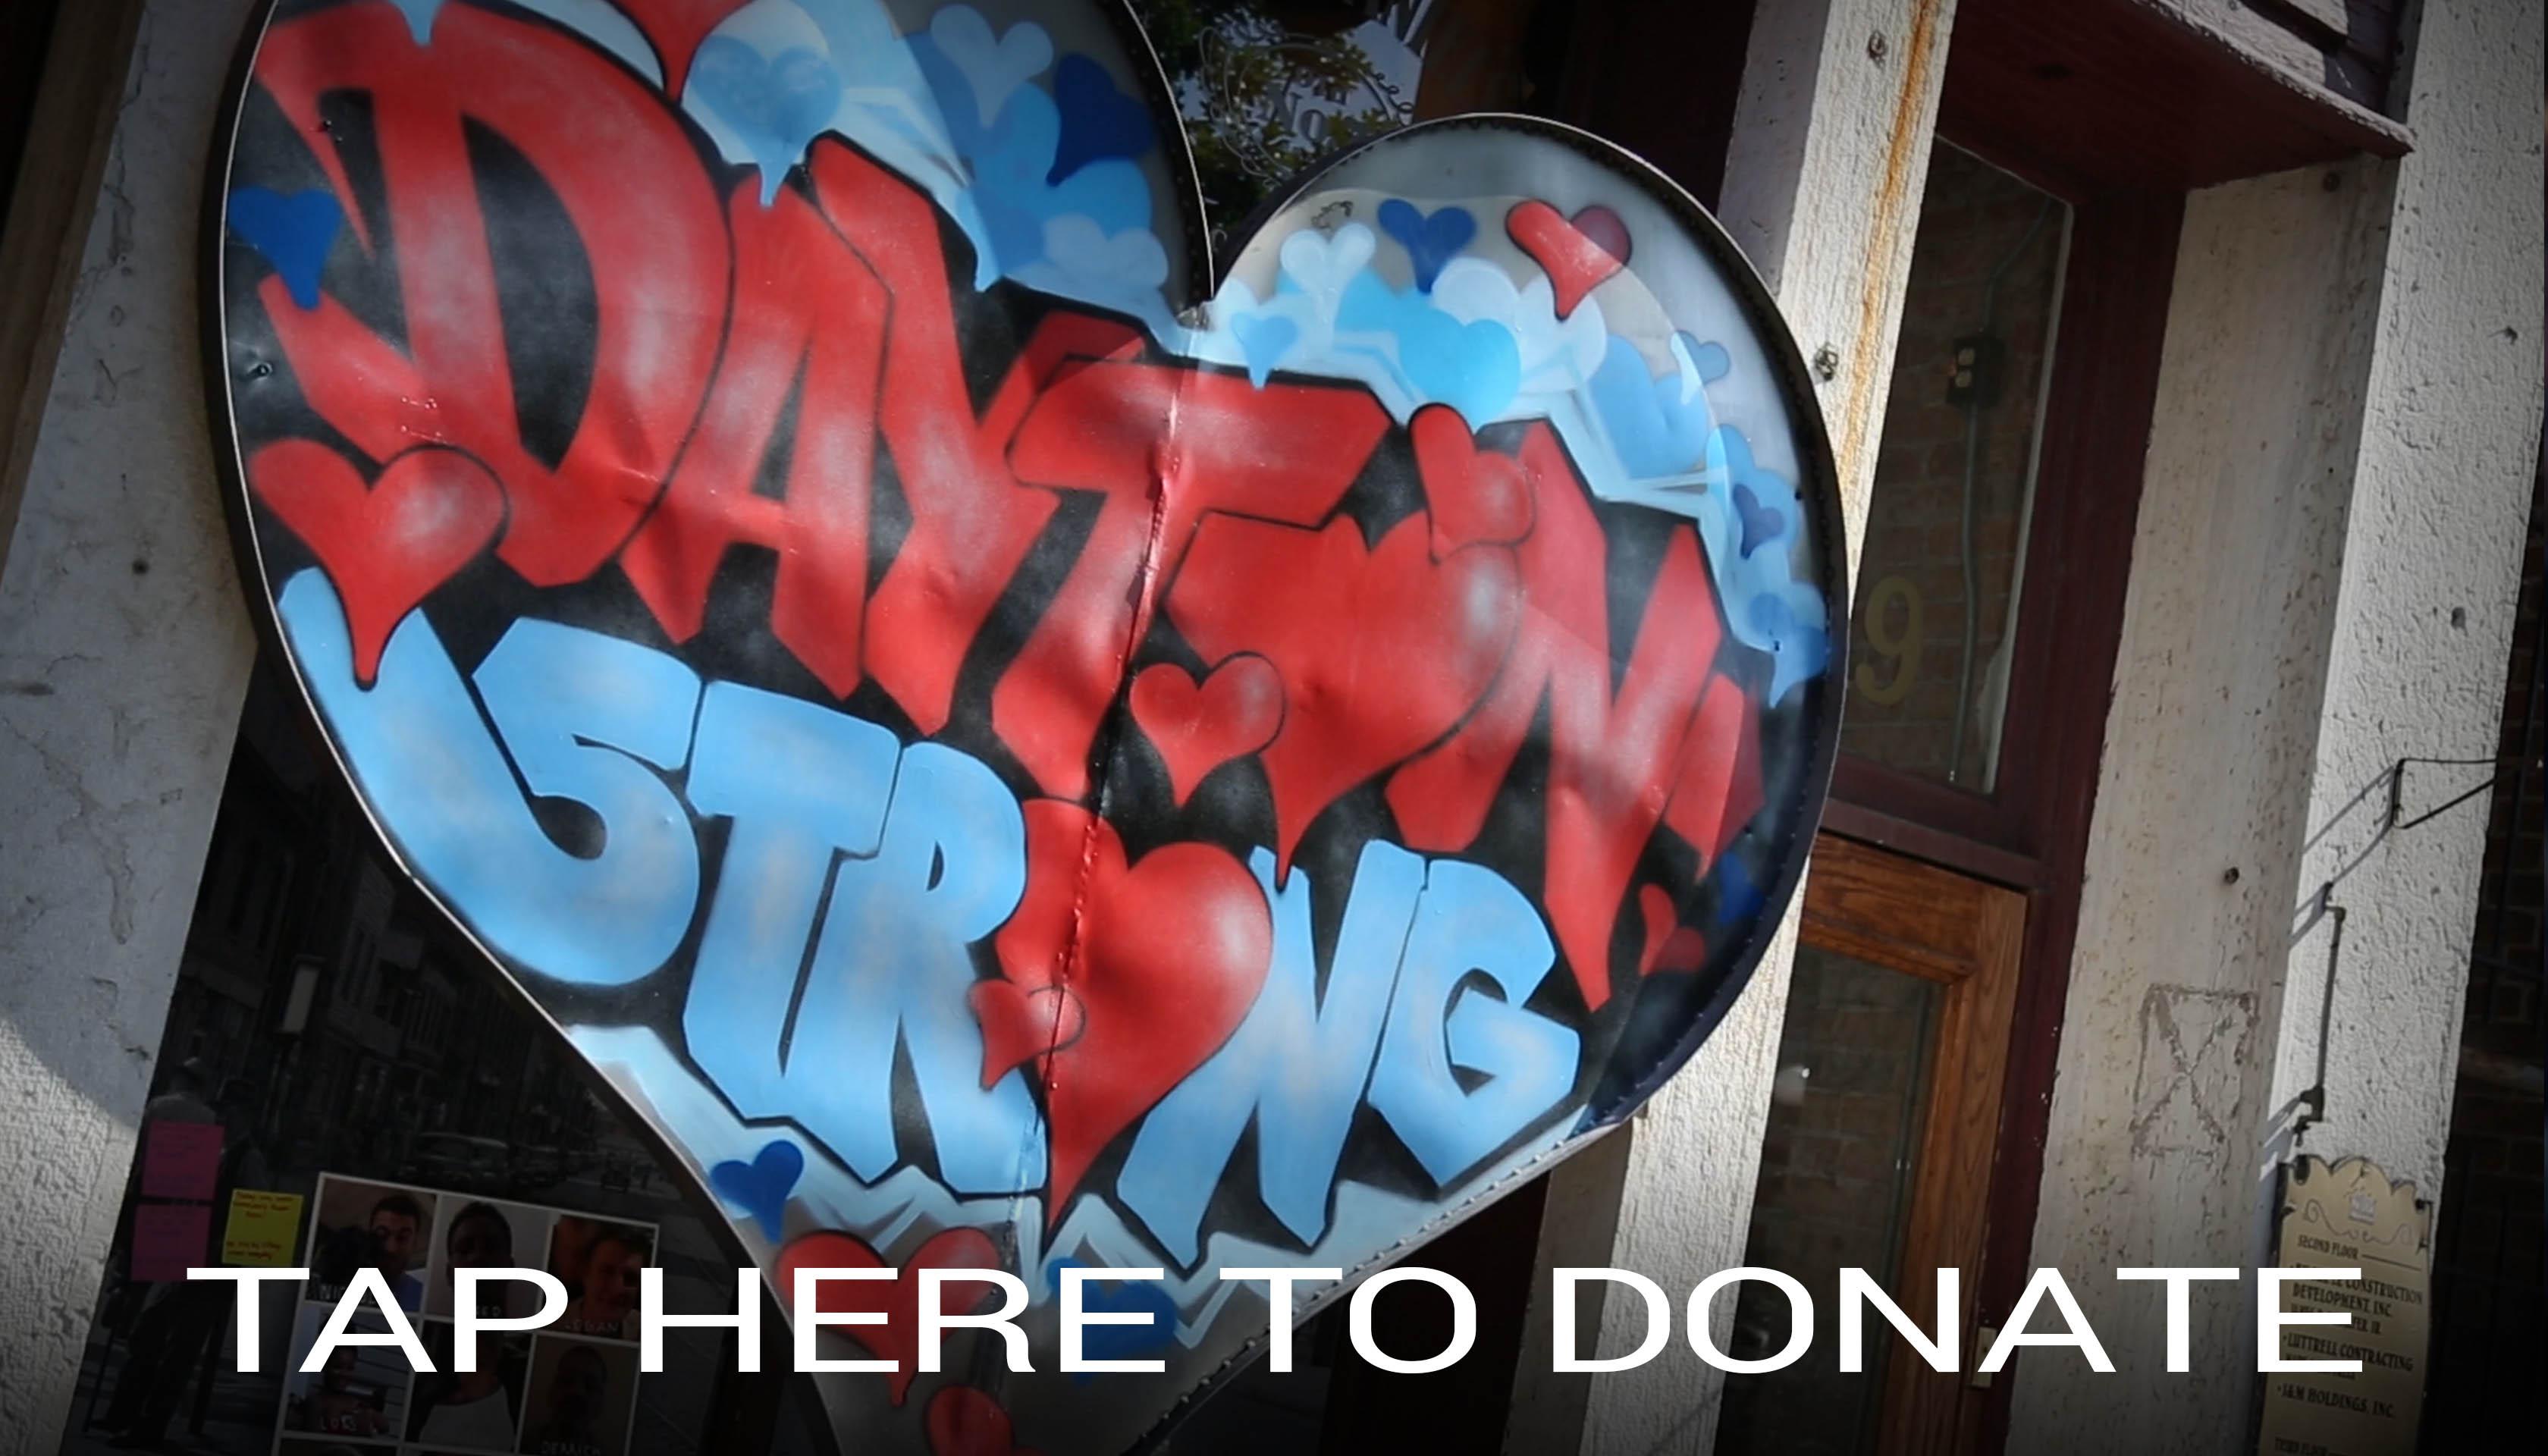 9-4 donate dayton strong